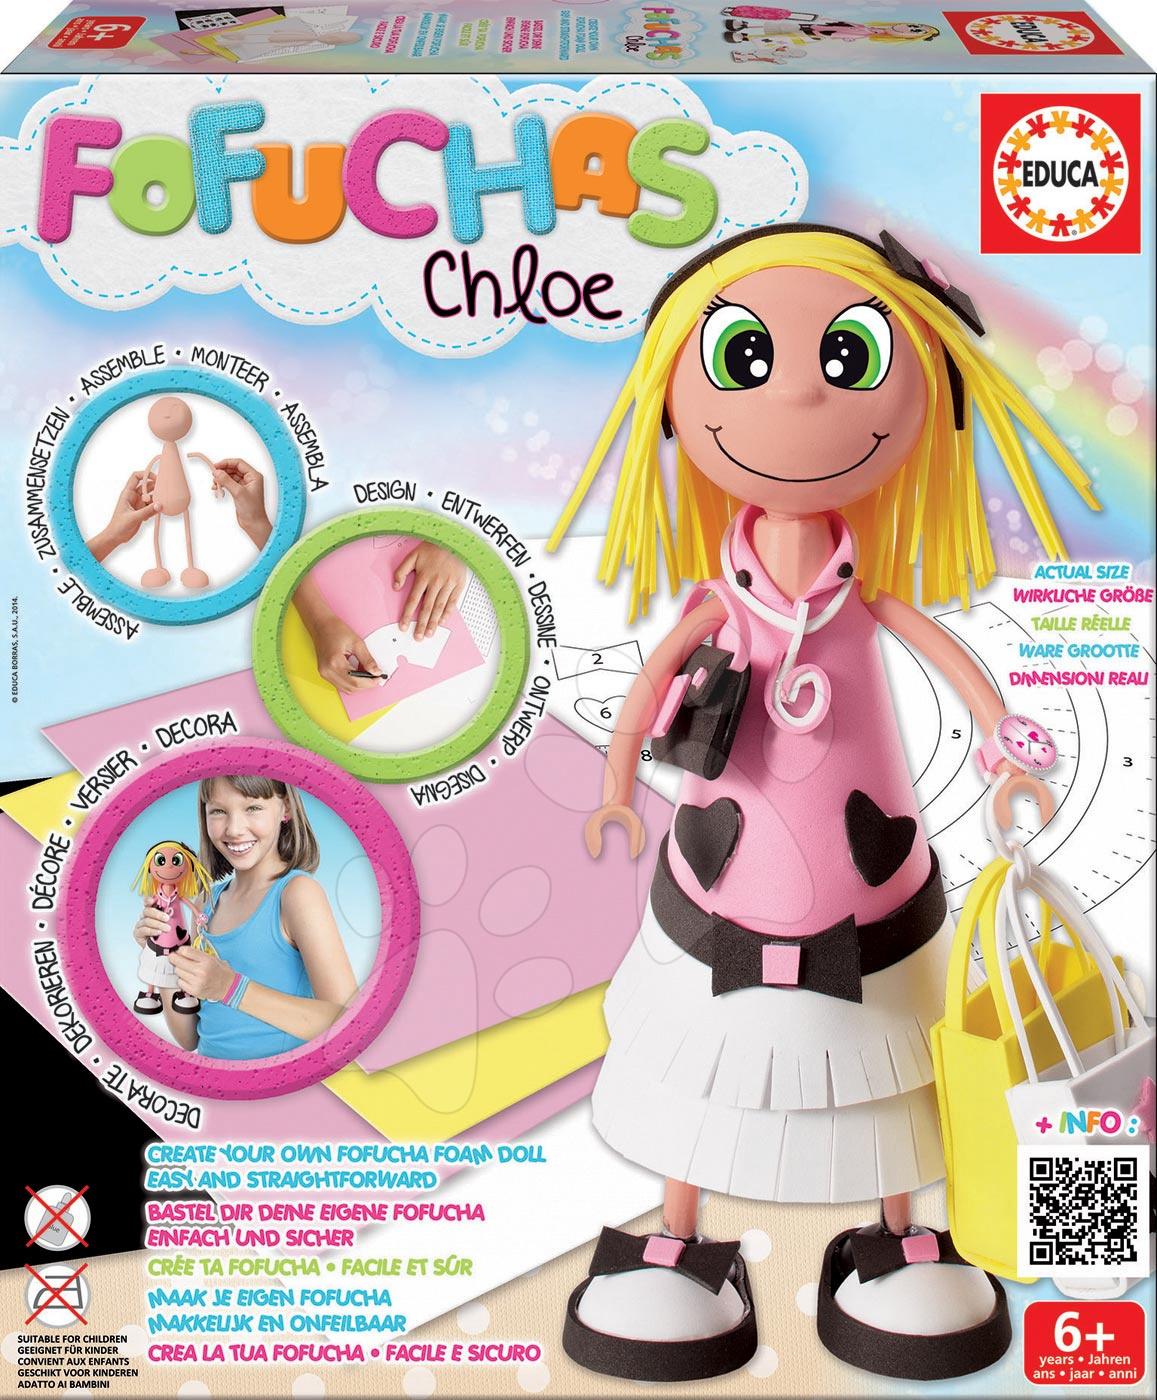 Ručné práce a tvorenie - Bábika Fofuchas Chloe Glamour Educa Obleč ju sama od 6 rokov